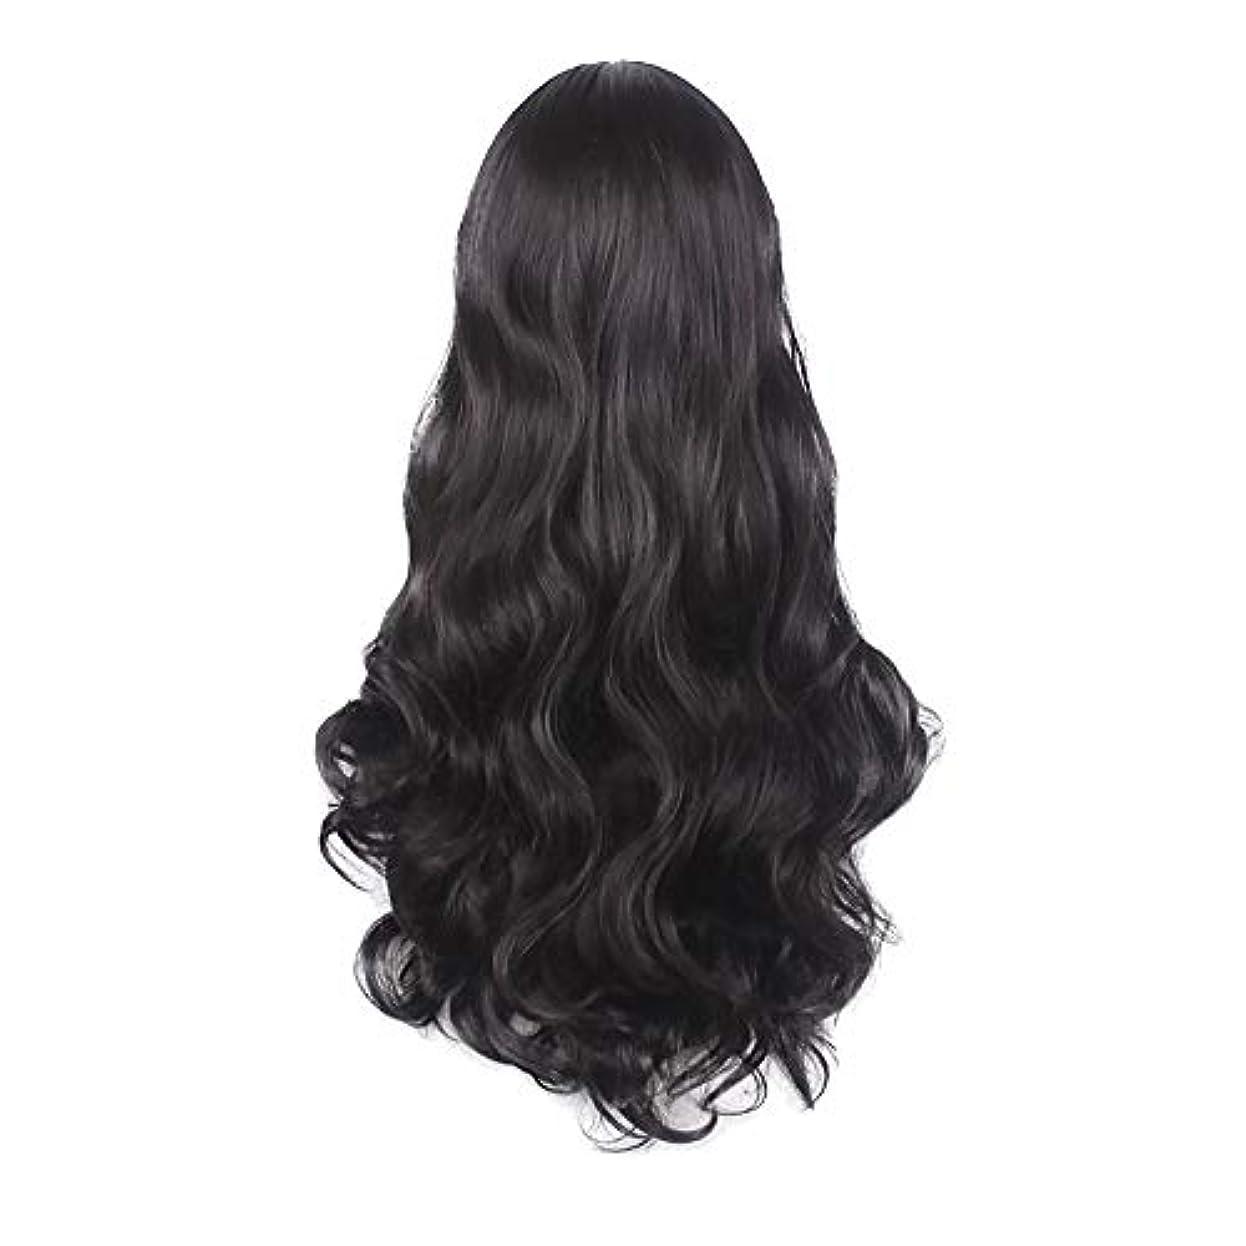 素晴らしいです外科医食堂女性の黒の長い波状の巻き毛のかつらパーティーCOS小道具かつらをかつら